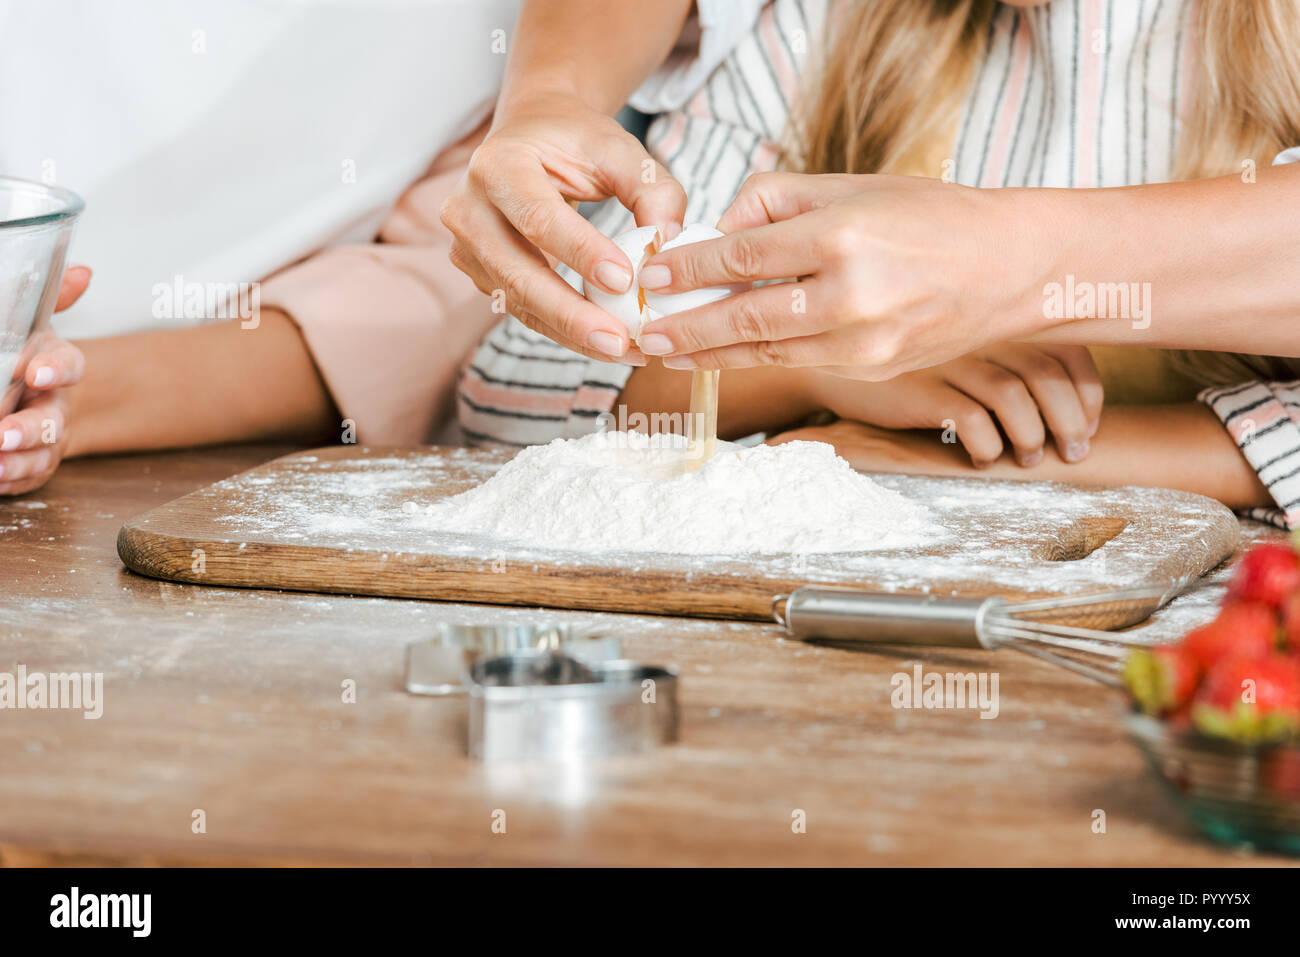 7/8 Schuß von Kind und Frauen Ei in Mehl brechen für Teig auf rustikalen Tisch Stockbild